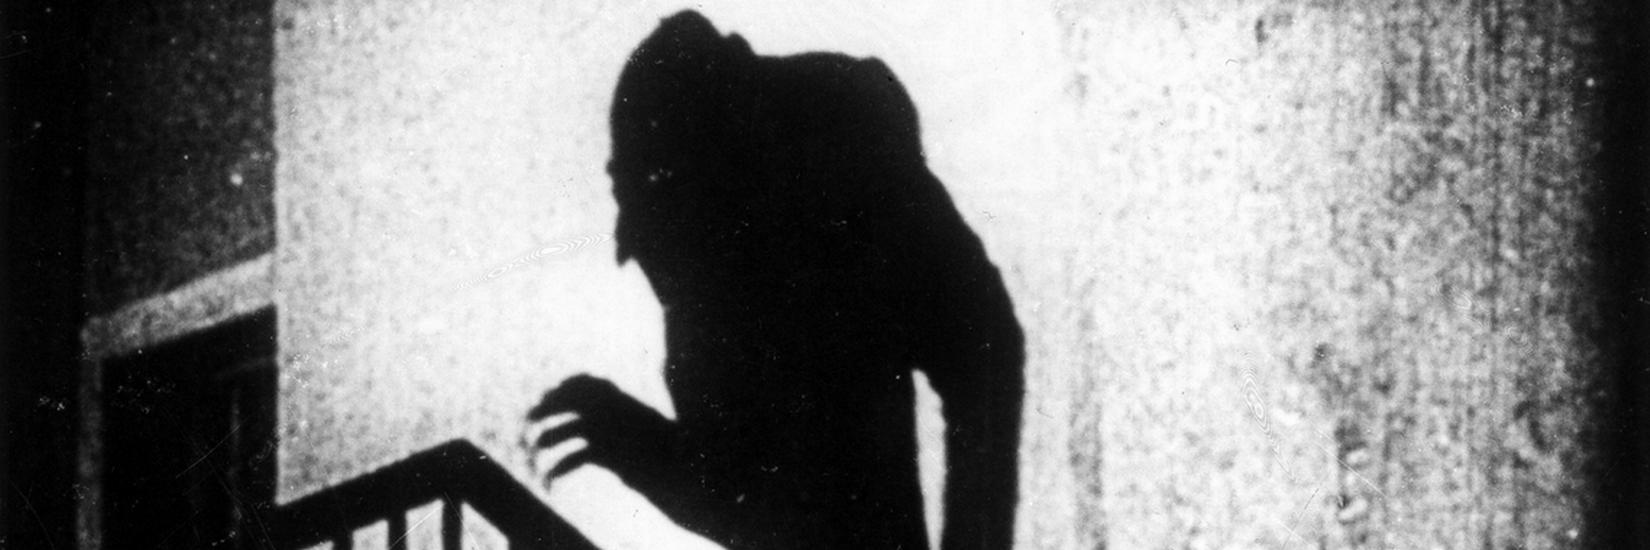 Kino nieme i muzyka na żywo. Jak to było z Nosferatu, dowiesz się w Gdańskim Teatrze Szekspirowskim